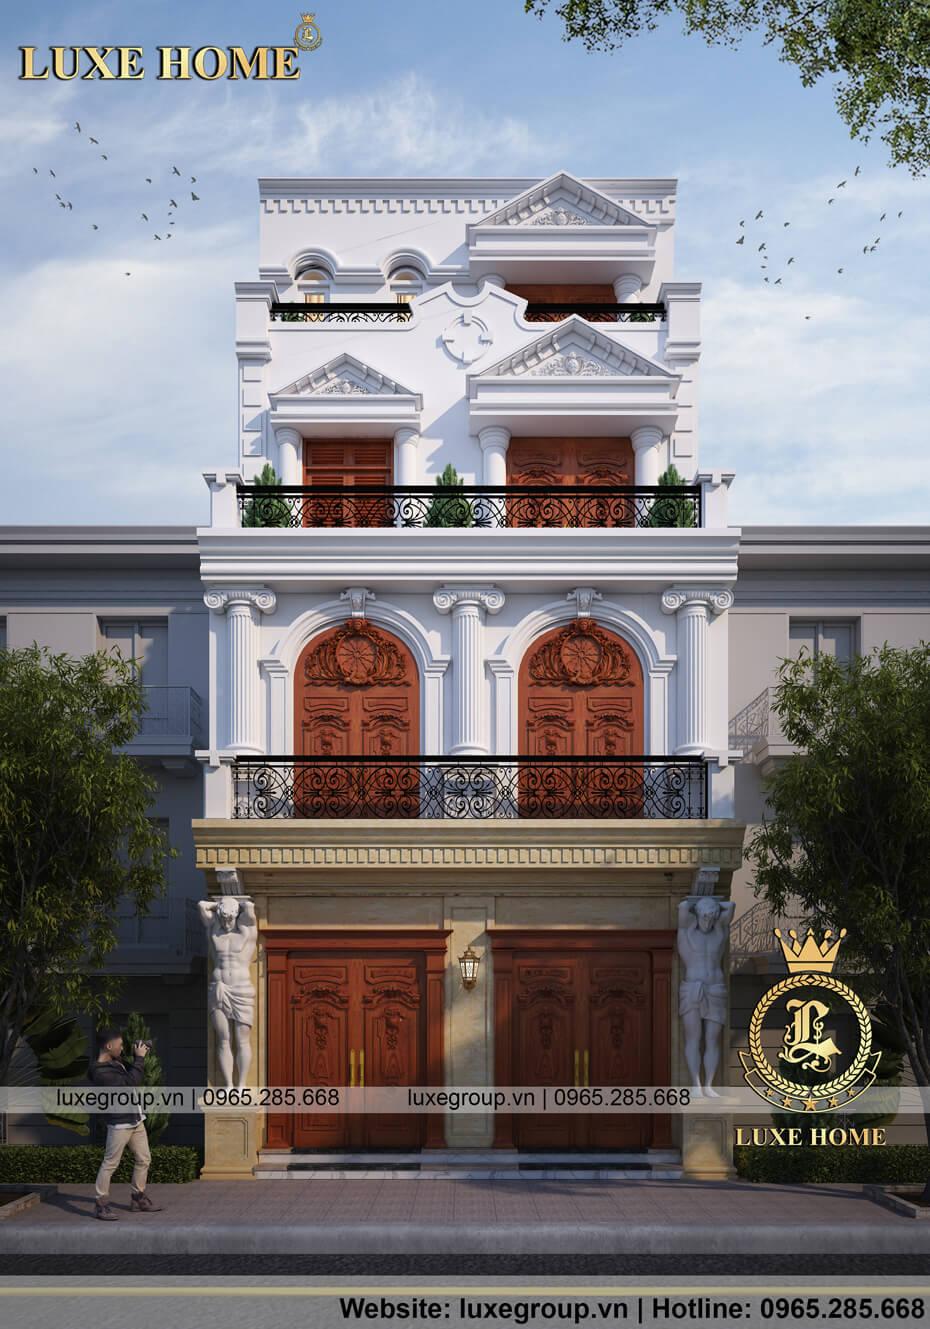 thiết kế biệt thự 4 tầng tân cổ điển pháp bt 41135